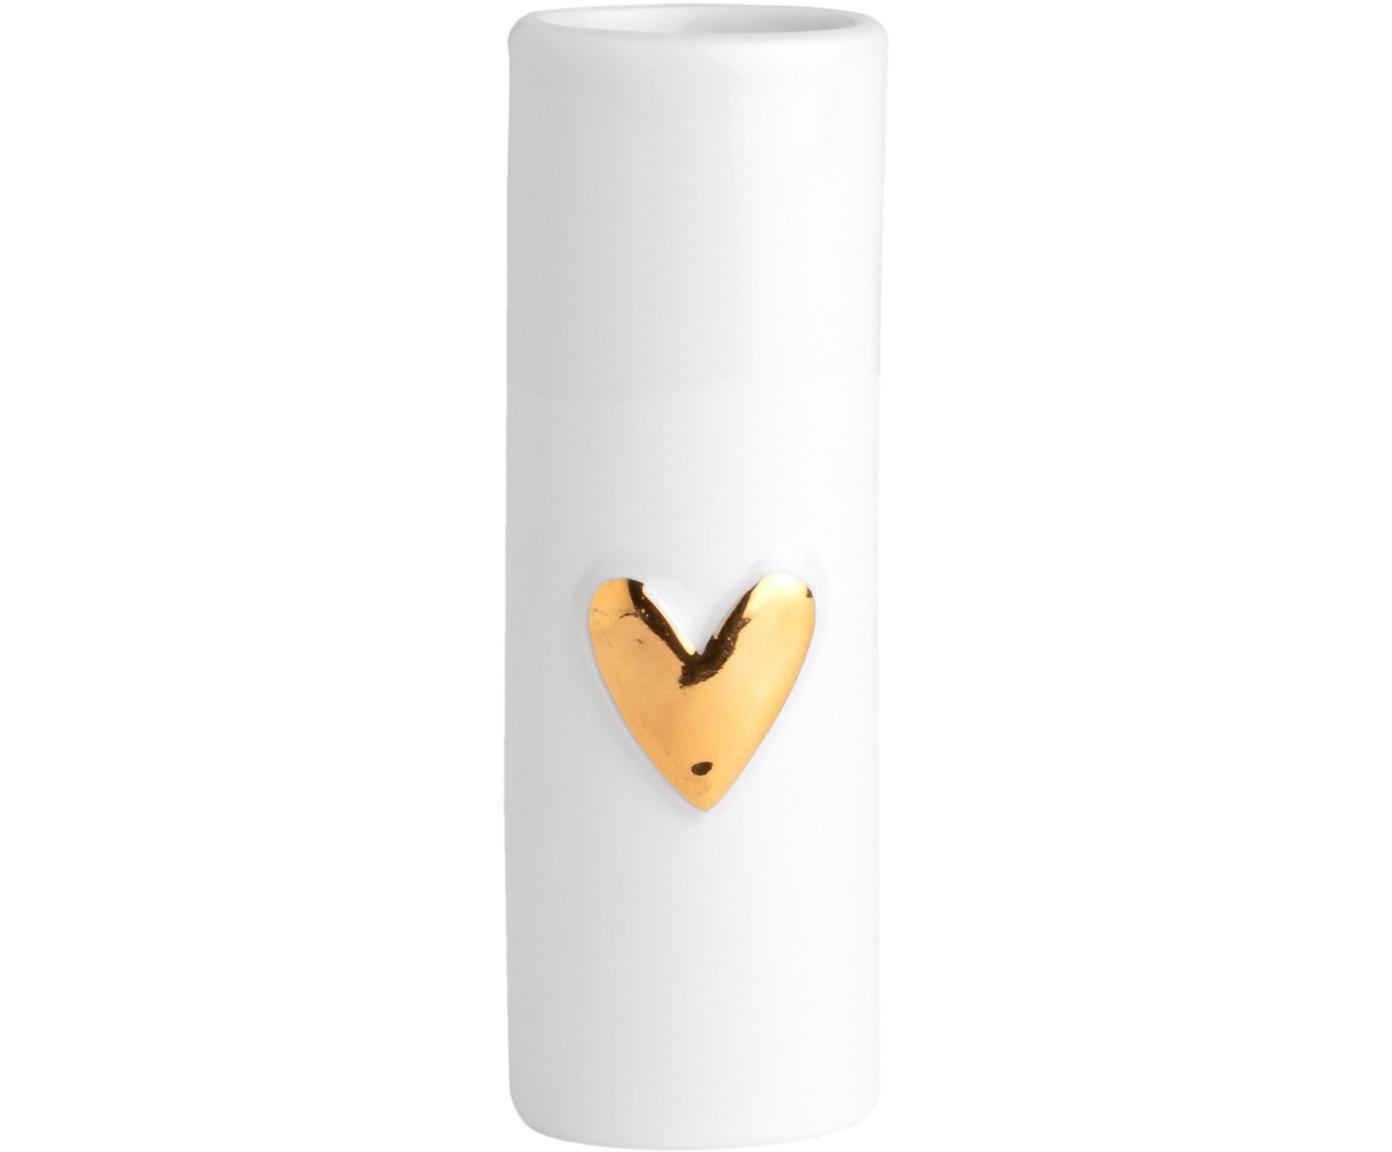 Jarrones pequeños de porcelana Heart, 2uds., Porcelana, Blanco, dorado, Ø 4 x Al 9 cm